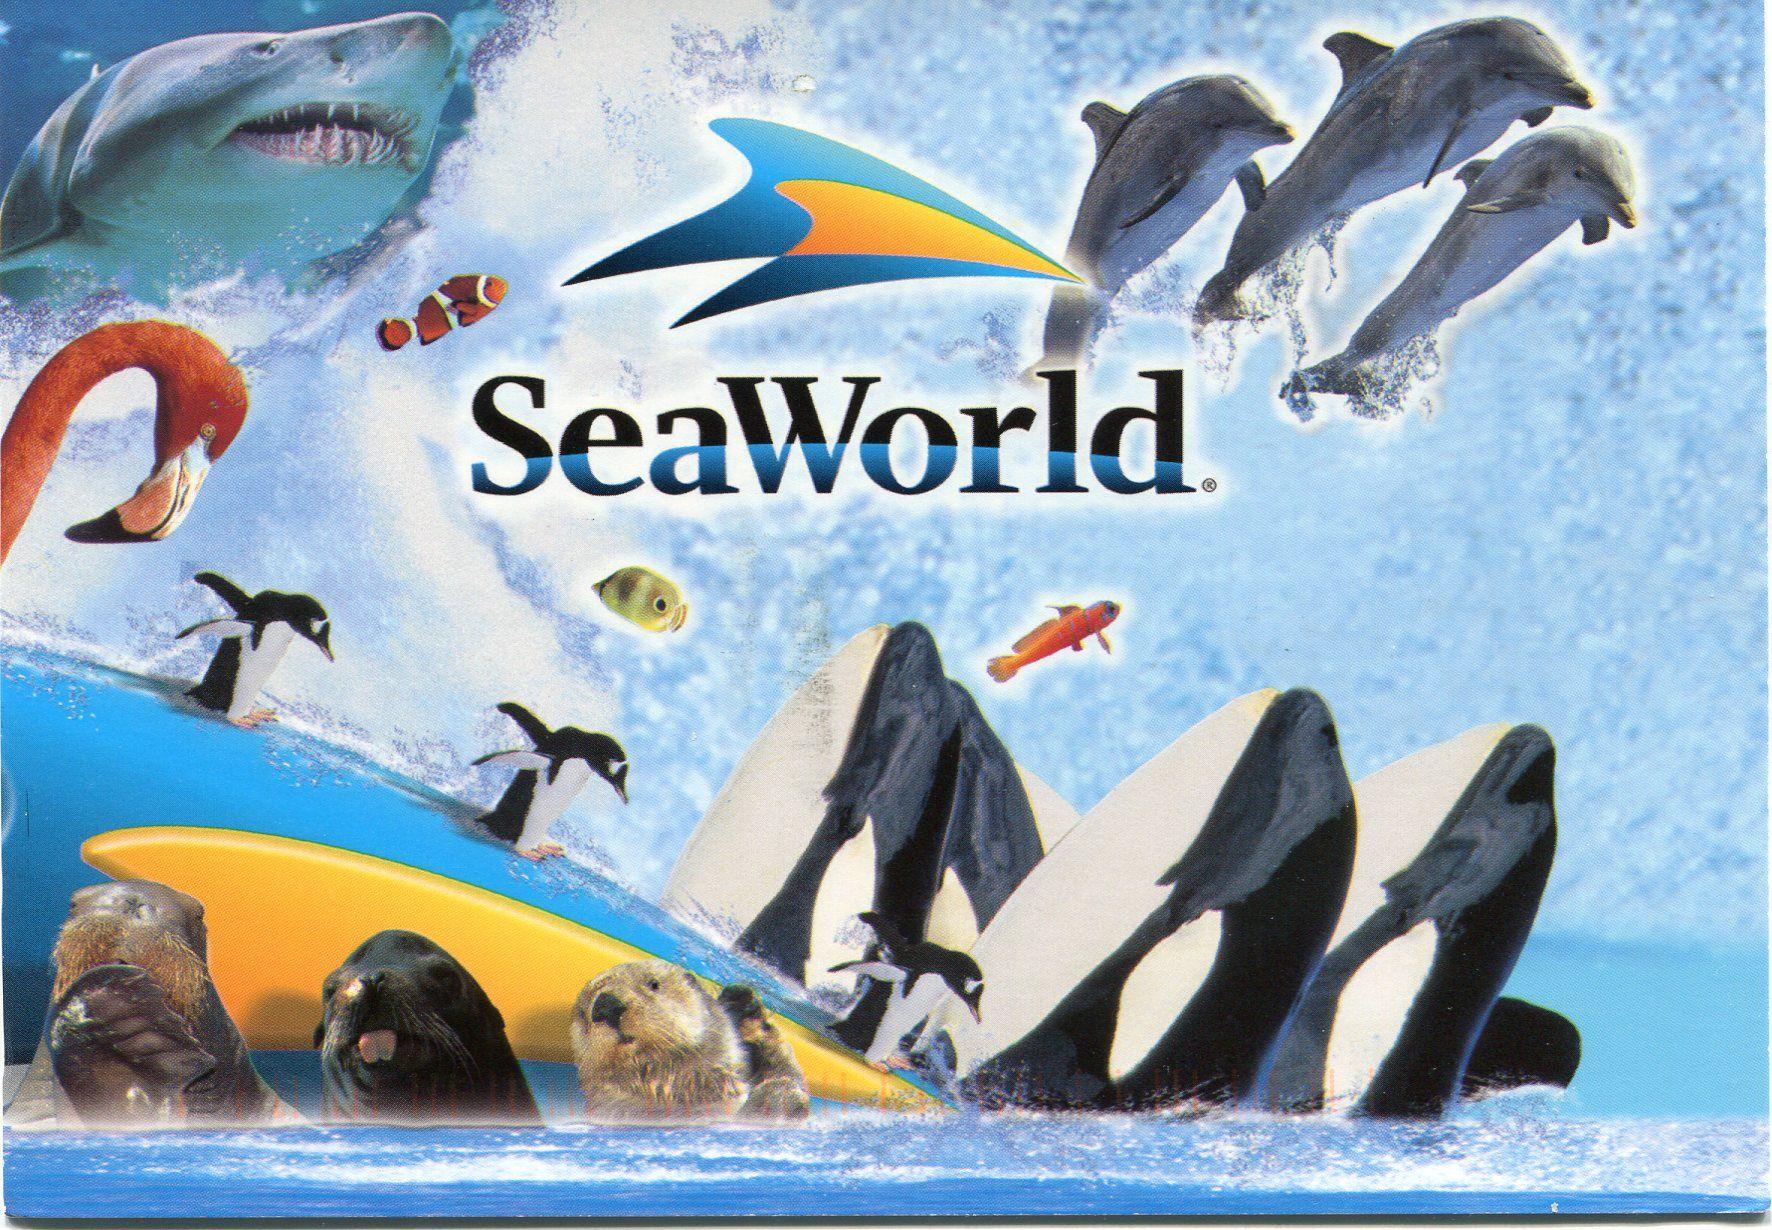 Sea World Sea World Seaworld Orlando Seaworld San Diego